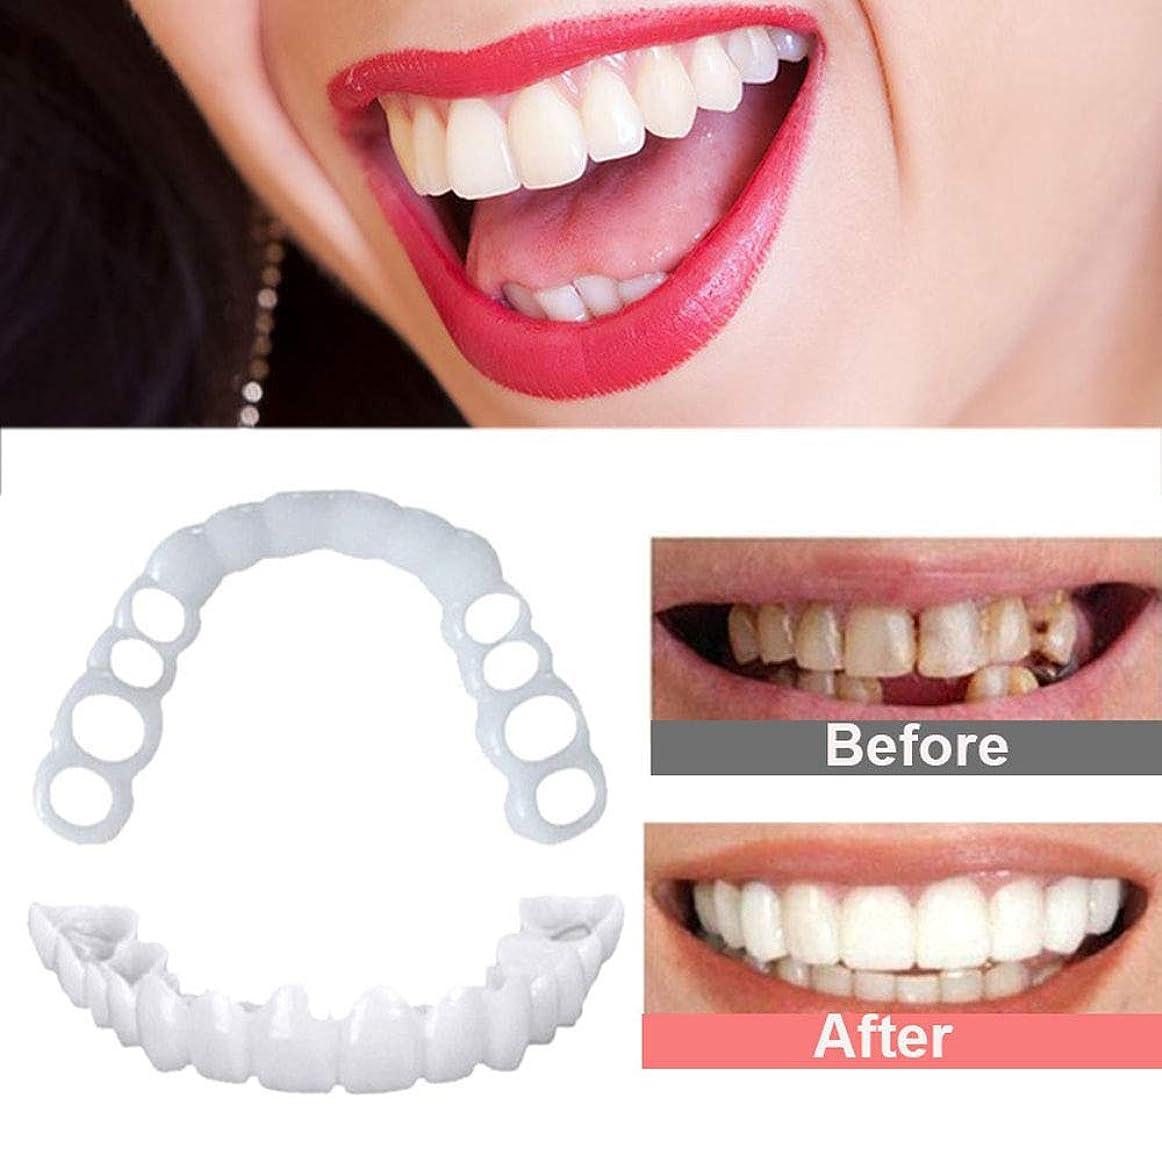 協同権限を与えるただやるスマイル義歯フィット上部下部化粧歯快適なシースインスタントコンフォートホワイトニング義歯矯正ブレース,23pairs